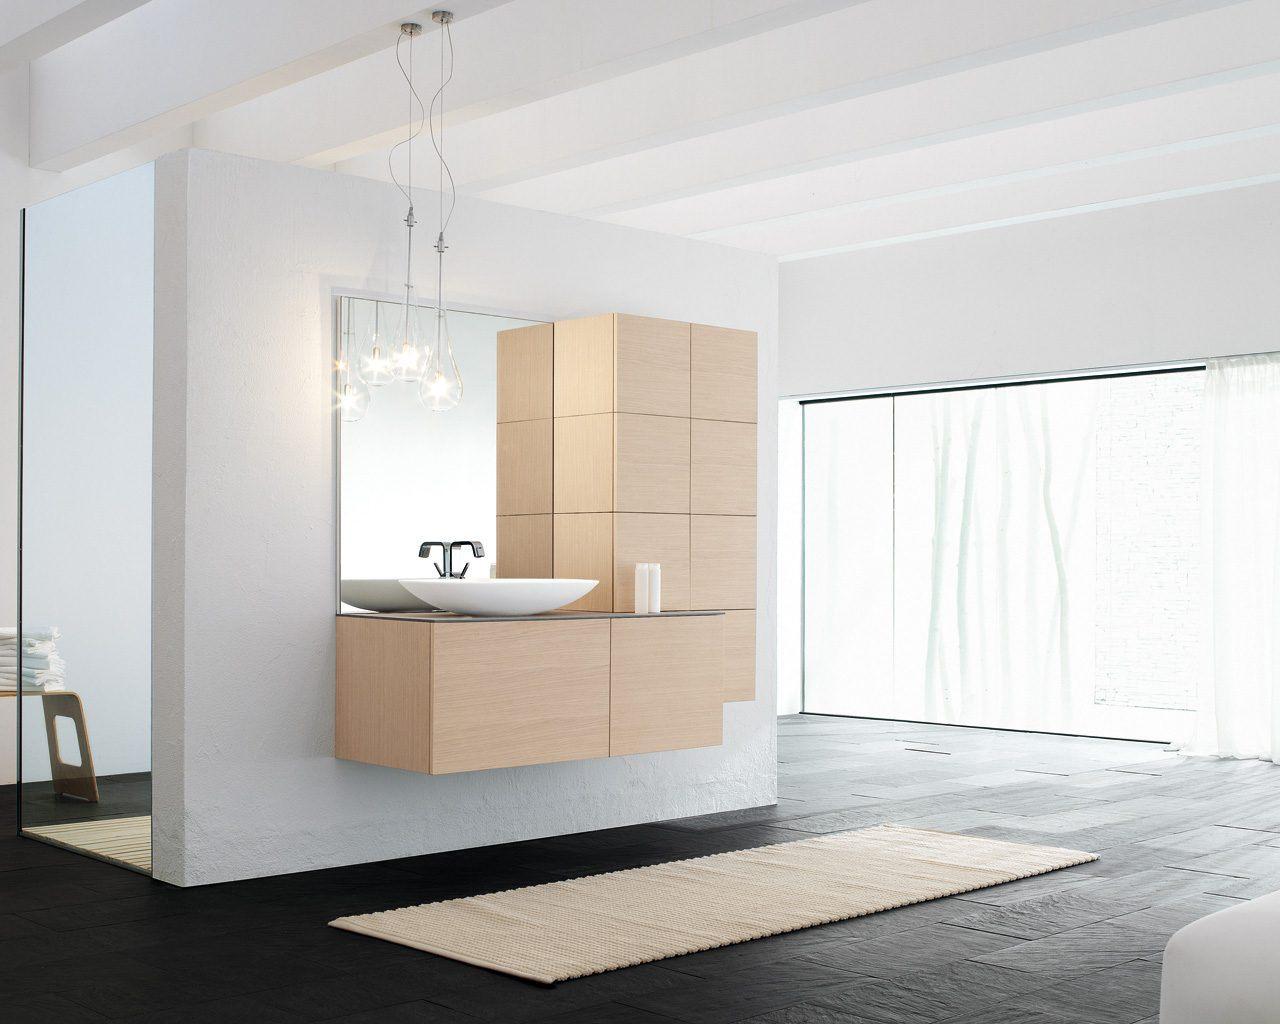 Baños Minimalistas Fotos Diseno:Casas de banho minimalistas